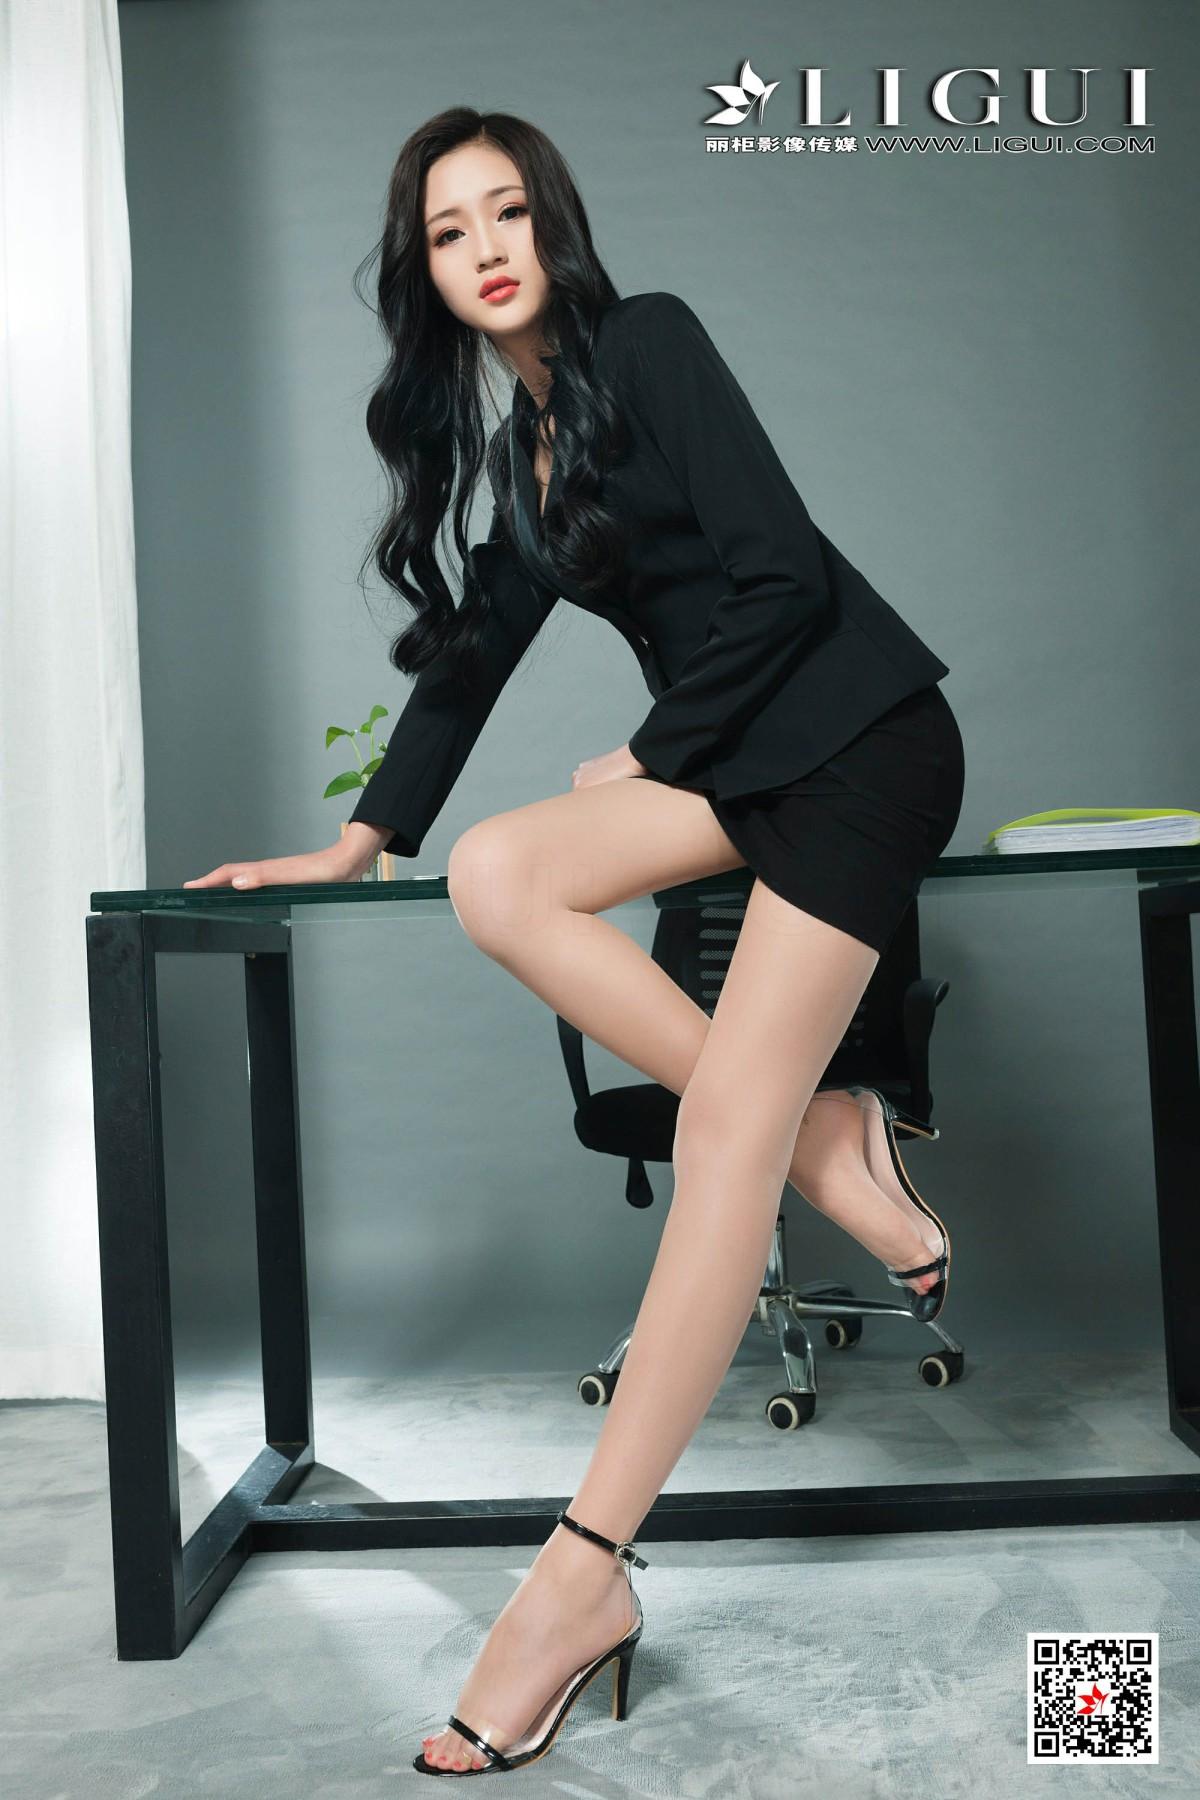 [Ligui丽柜]2019.08.26 网络丽人 Model 玲玲《职场新秀》[53P] 网络丽人 第1张